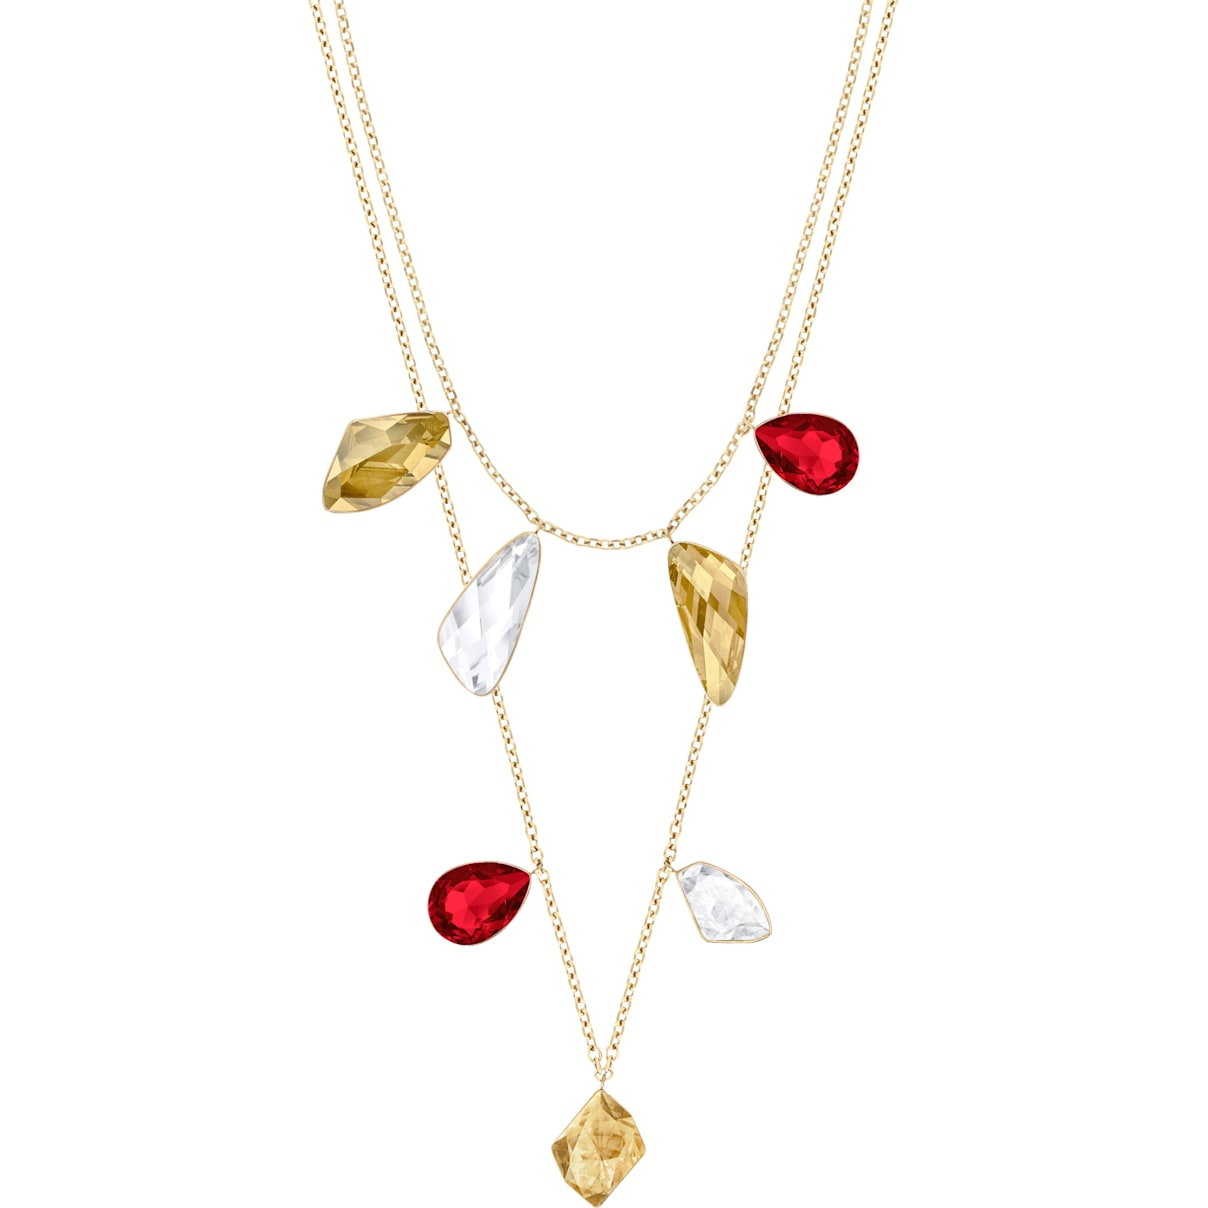 Prisma Vielseitige Halskette, mehrfarbig, Vergoldet